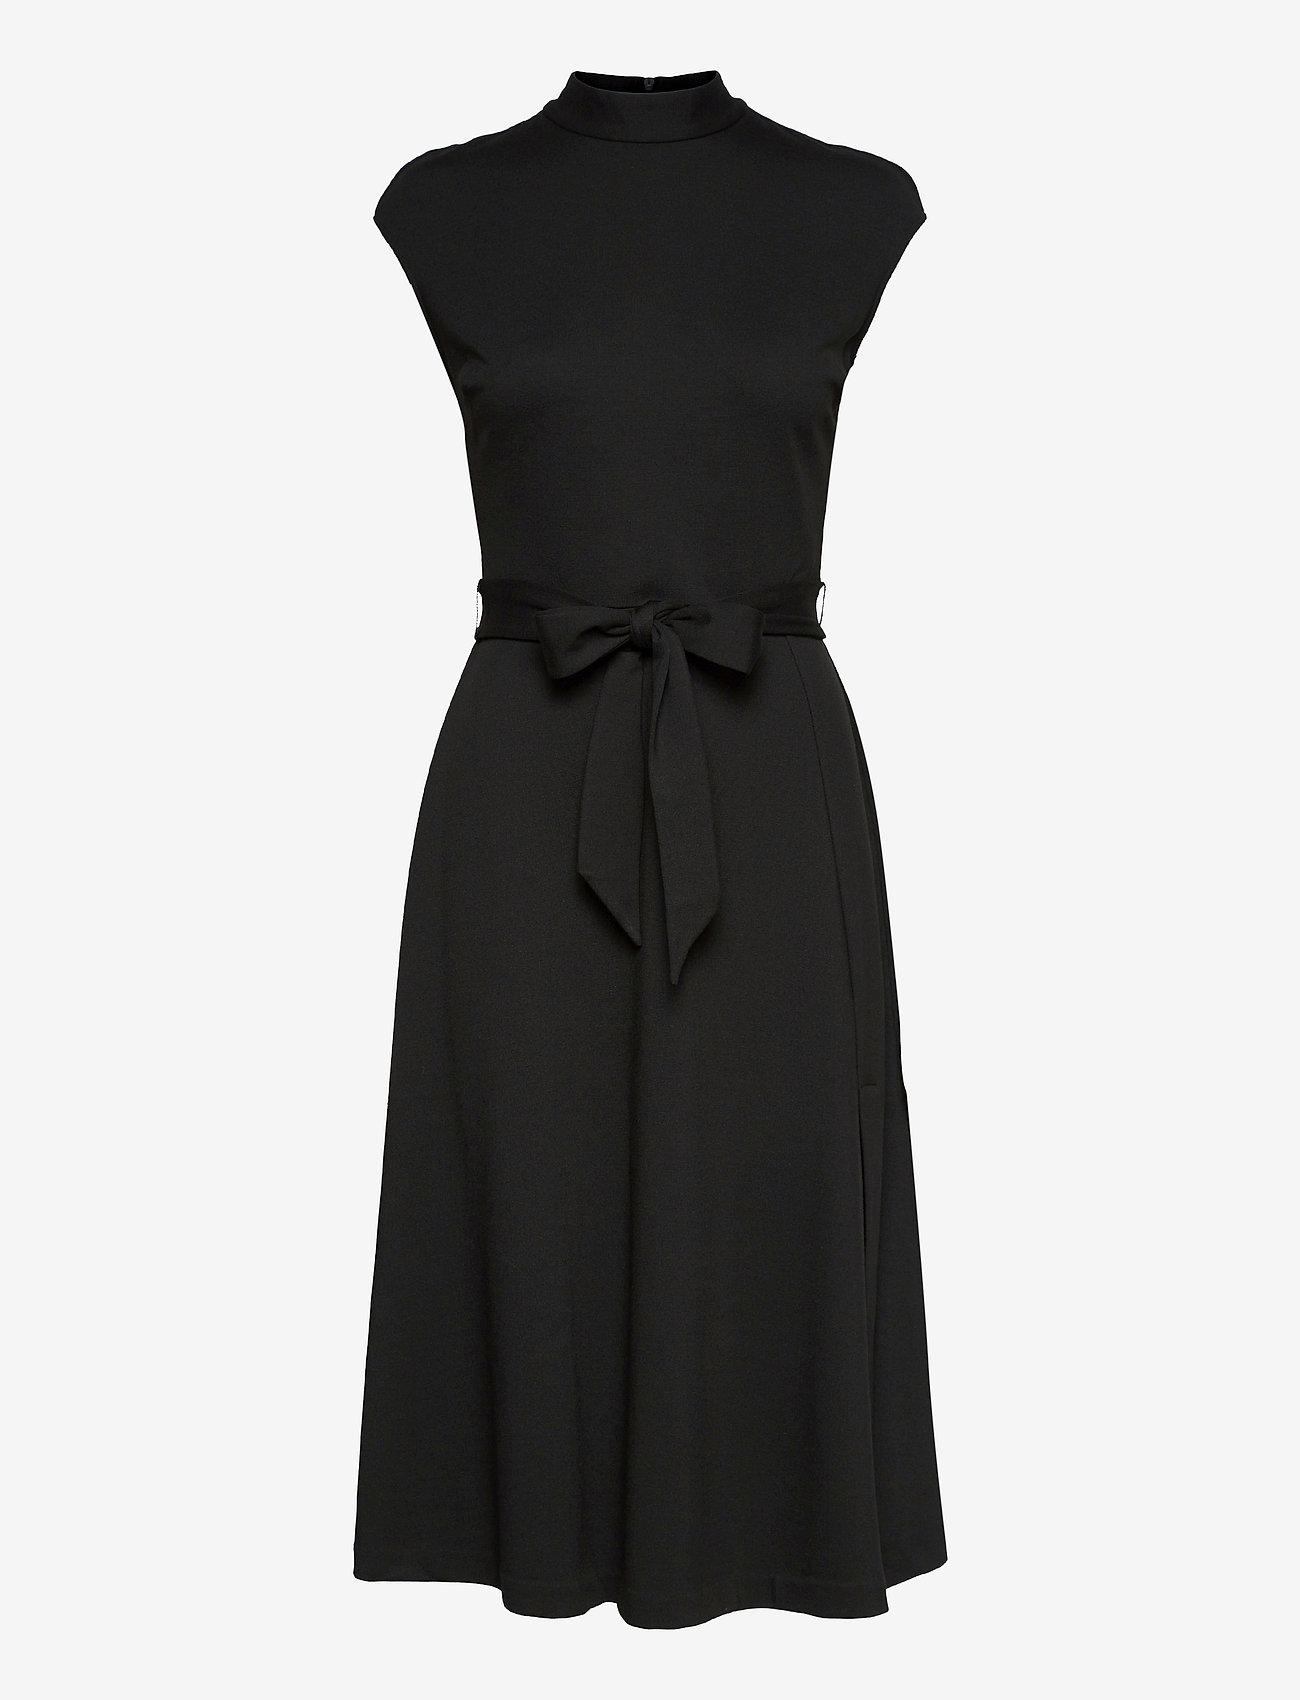 HUGO - Dressella - robes de cocktail - black - 0